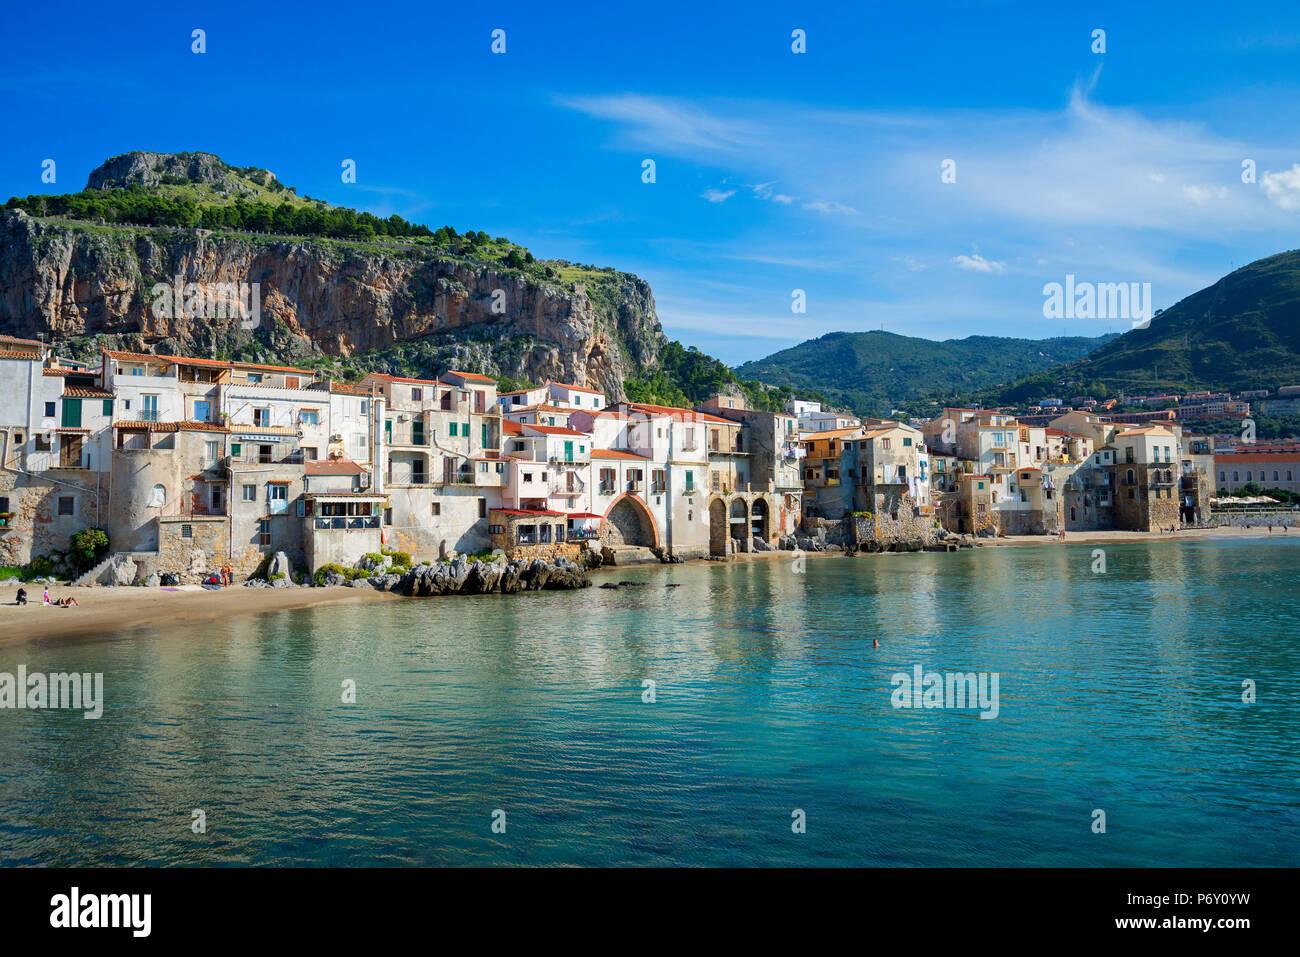 Imbarcazioni di pesca artigianale e fishermens case, Cefalu, Sicilia, Italia, Europa Immagini Stock